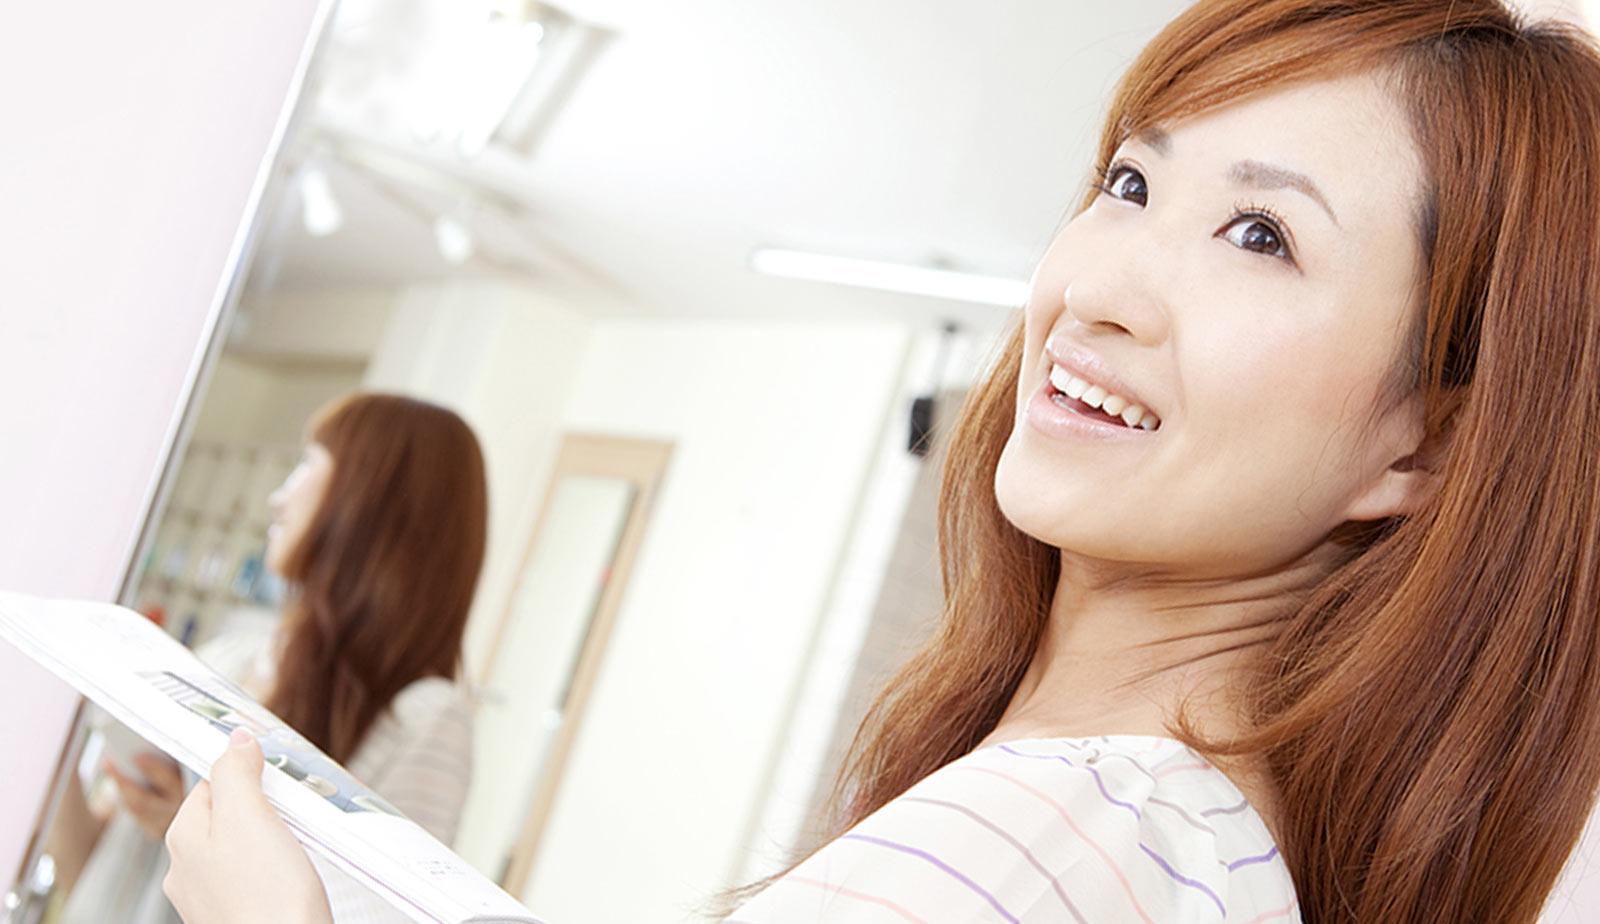 美容師に欠かせないコミュニケーション能力を高めるコツ